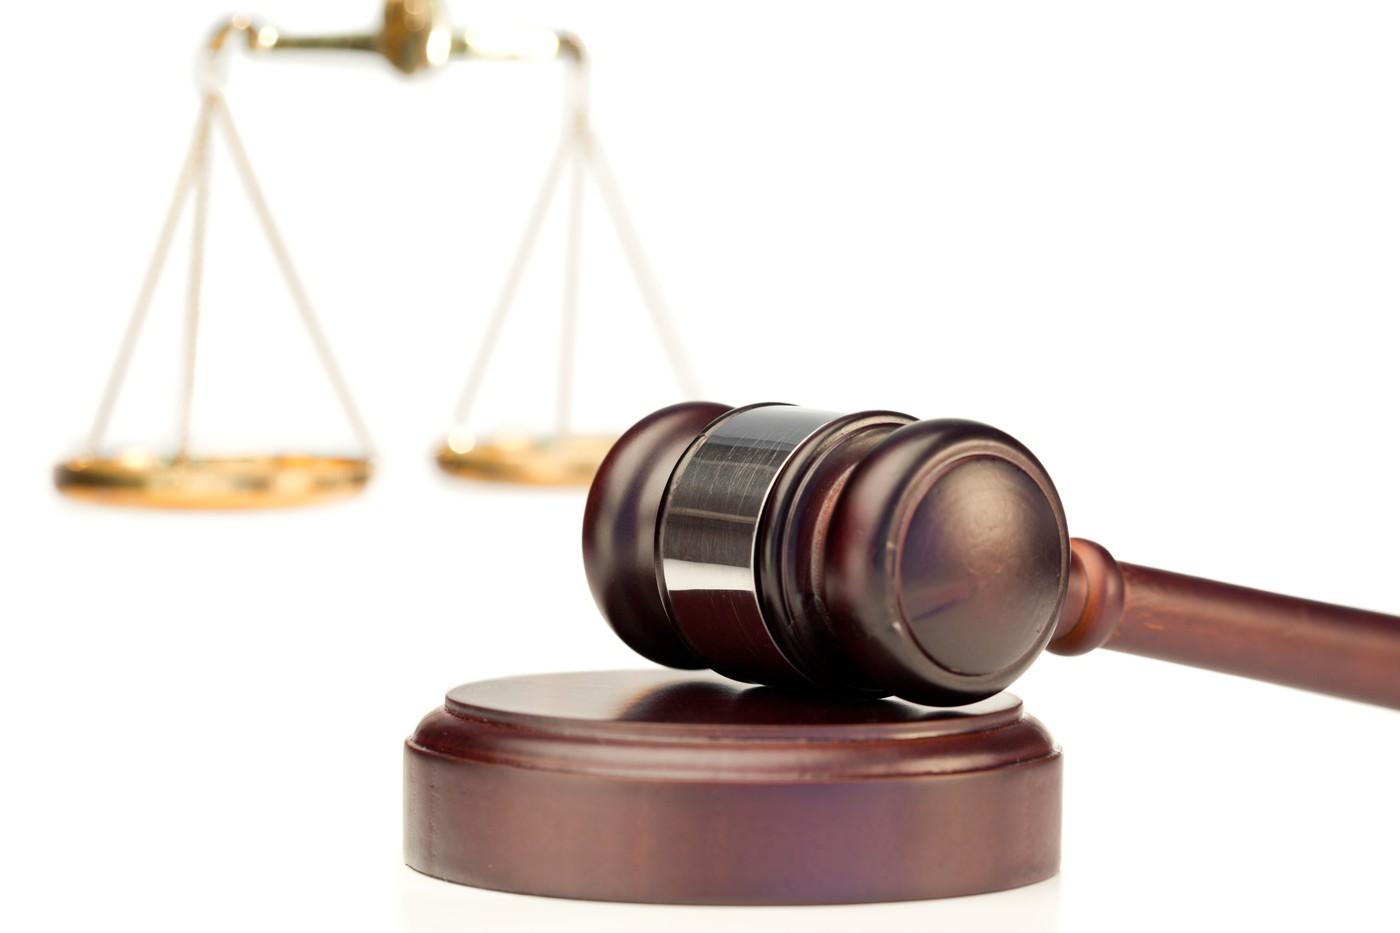 Tužilaštvo traži pritvor za osumnjičene za nasilničko ponašanje u zgradi RTS-a